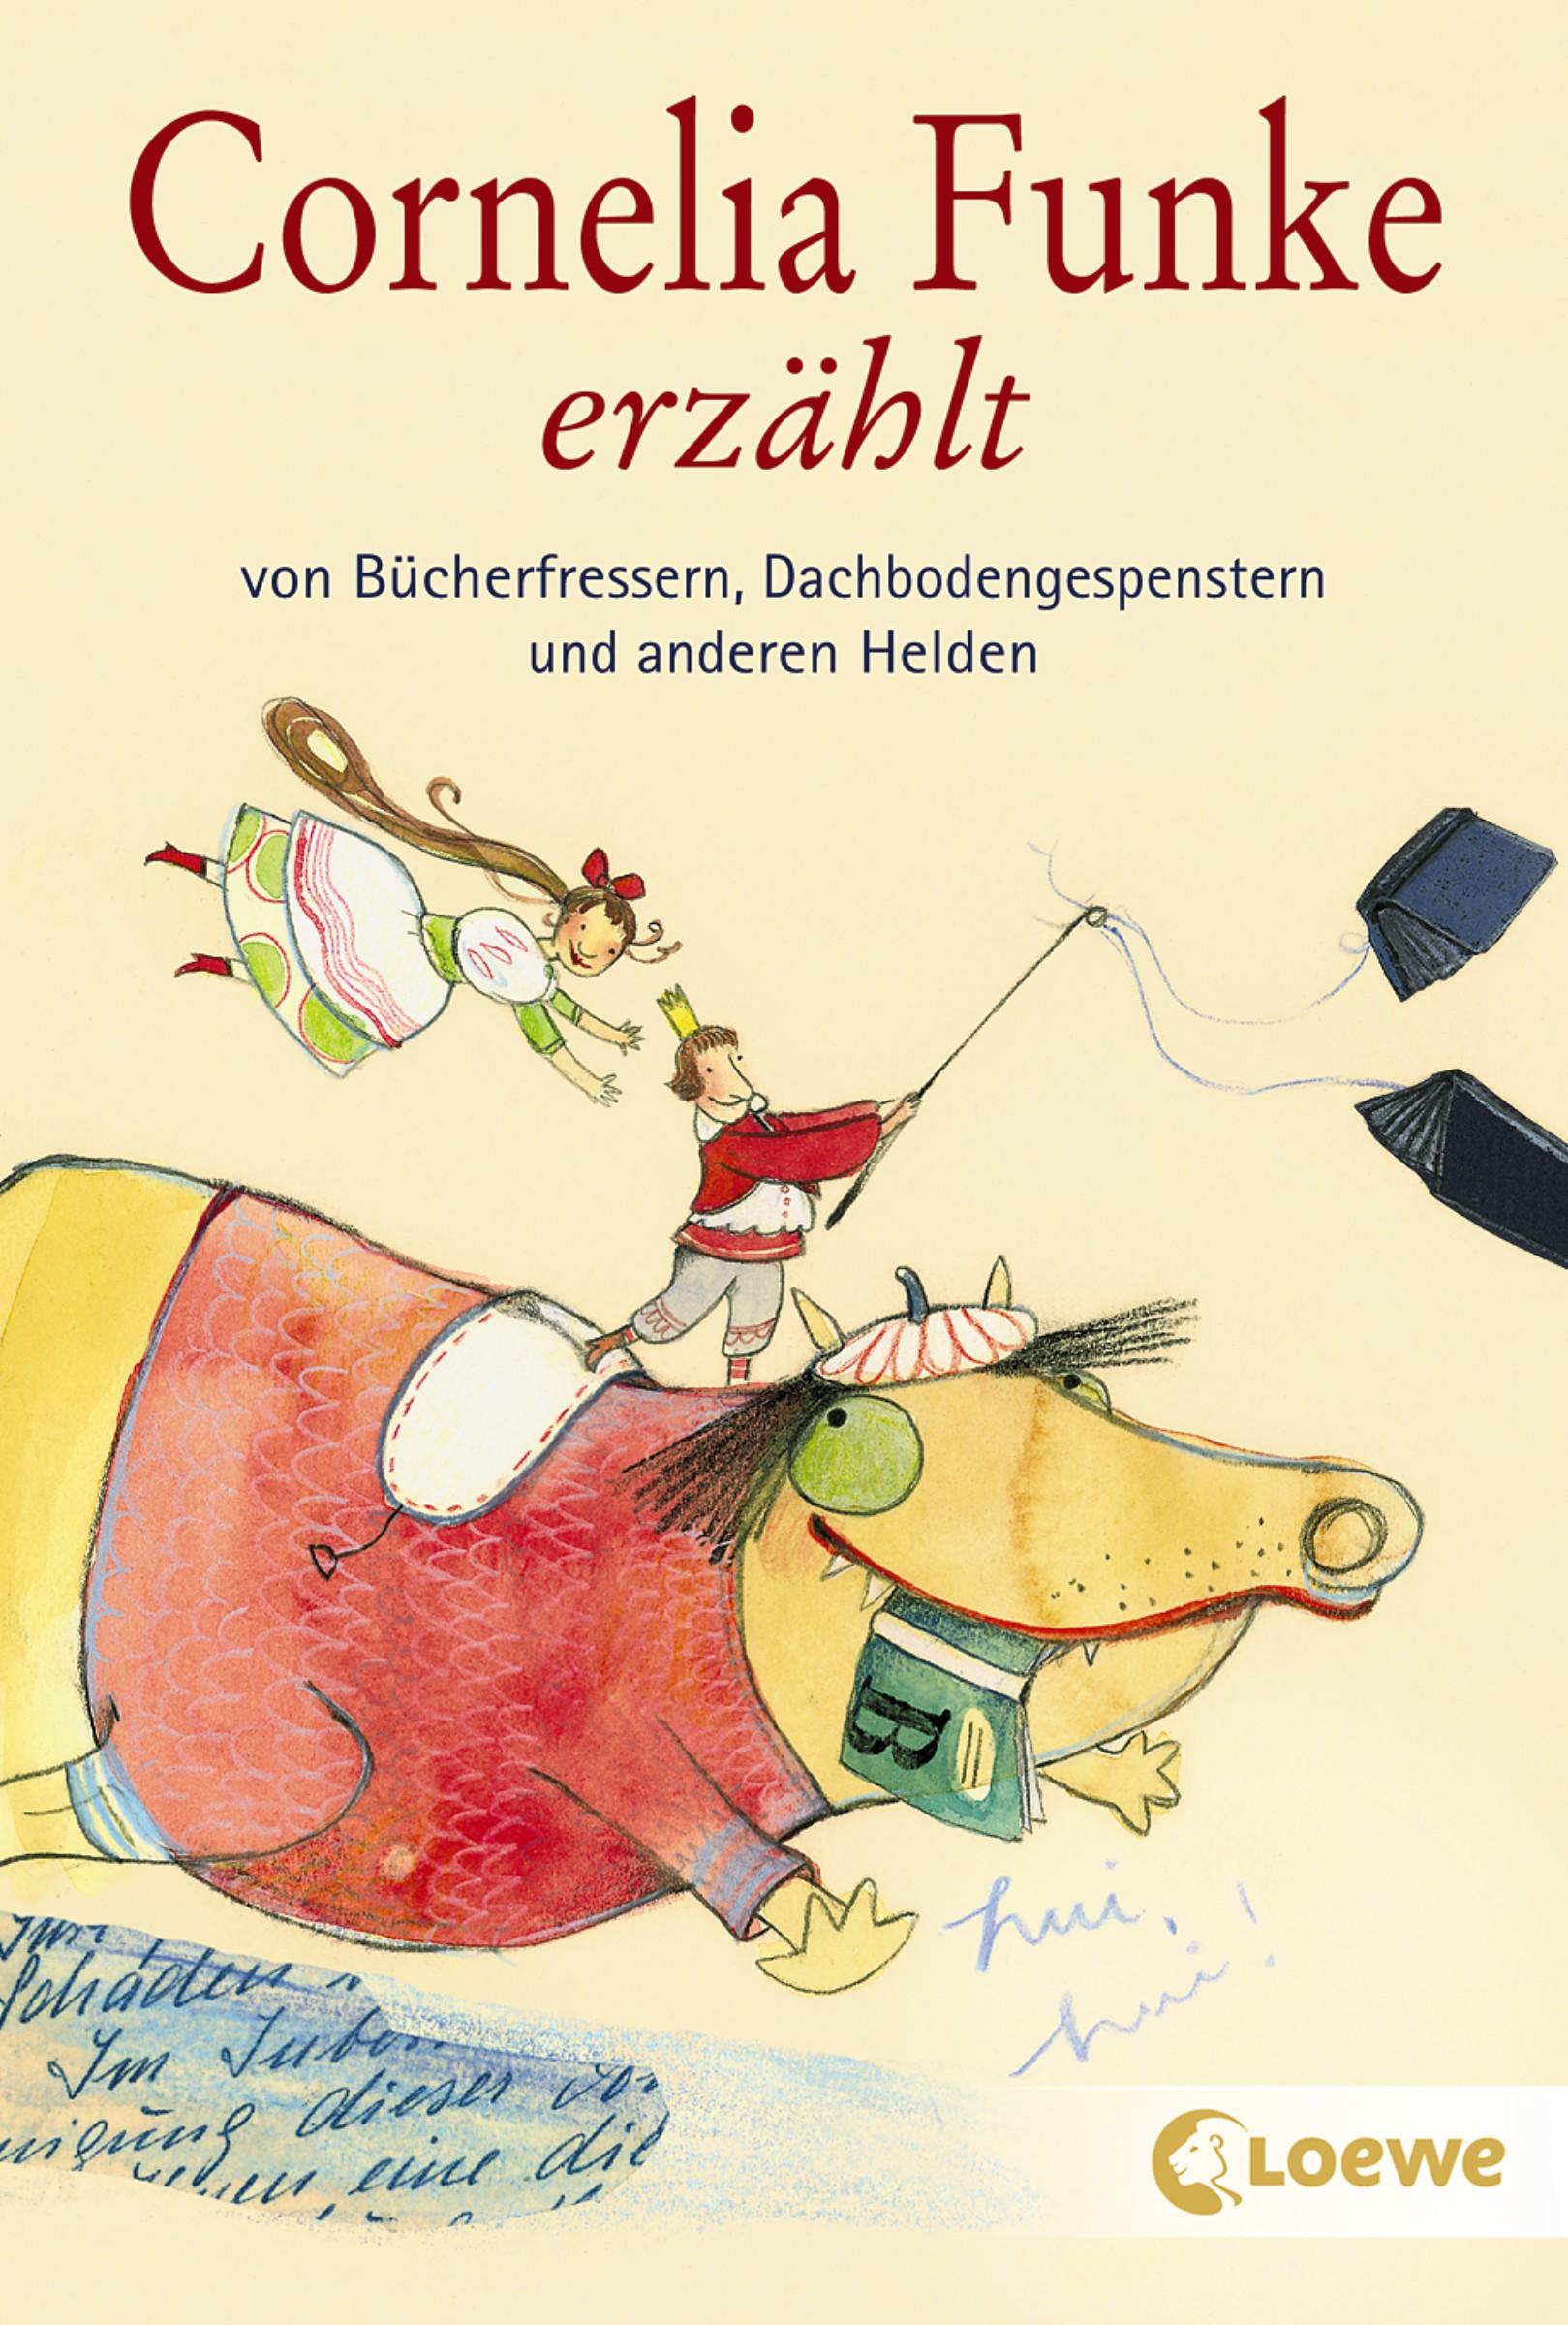 Cornelia Funke Cornelia Funke erzählt von Bücherfressern, Dachbodengespenstern und anderen Helden